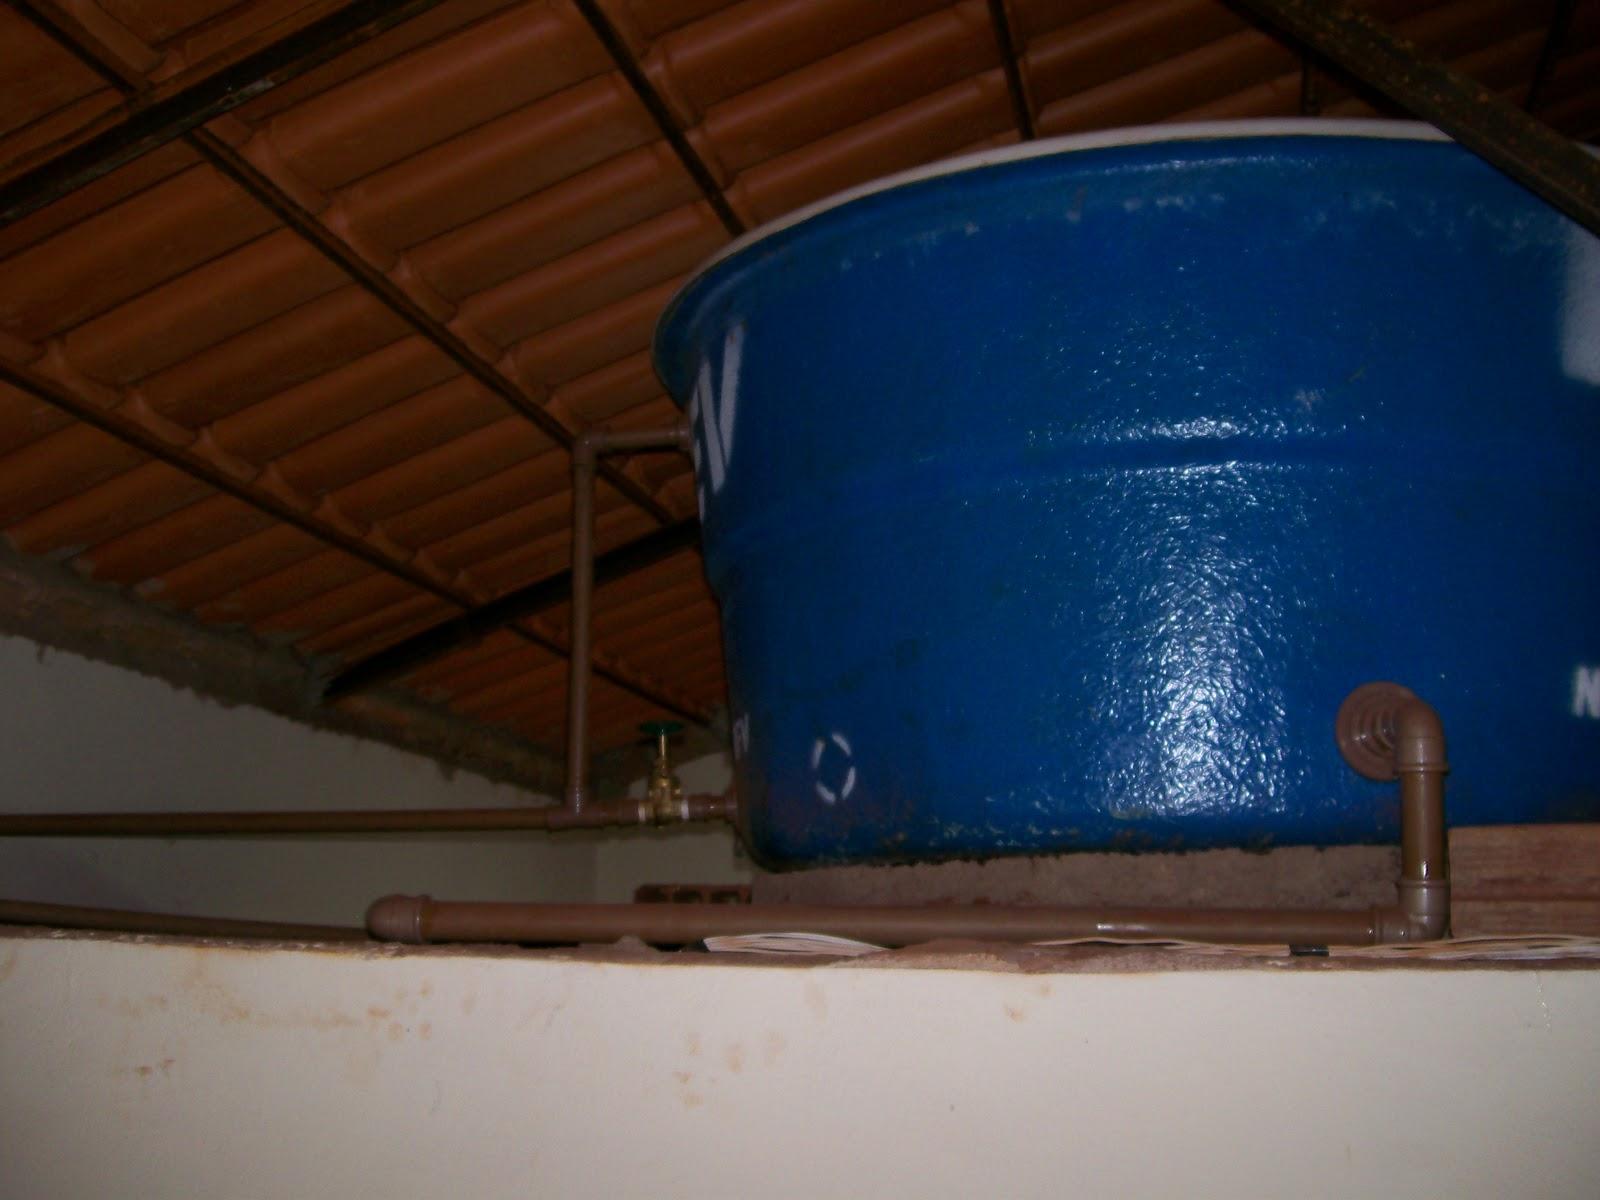 Caixa d''agua interna e sua instalações atuais. #063060 1600 1200